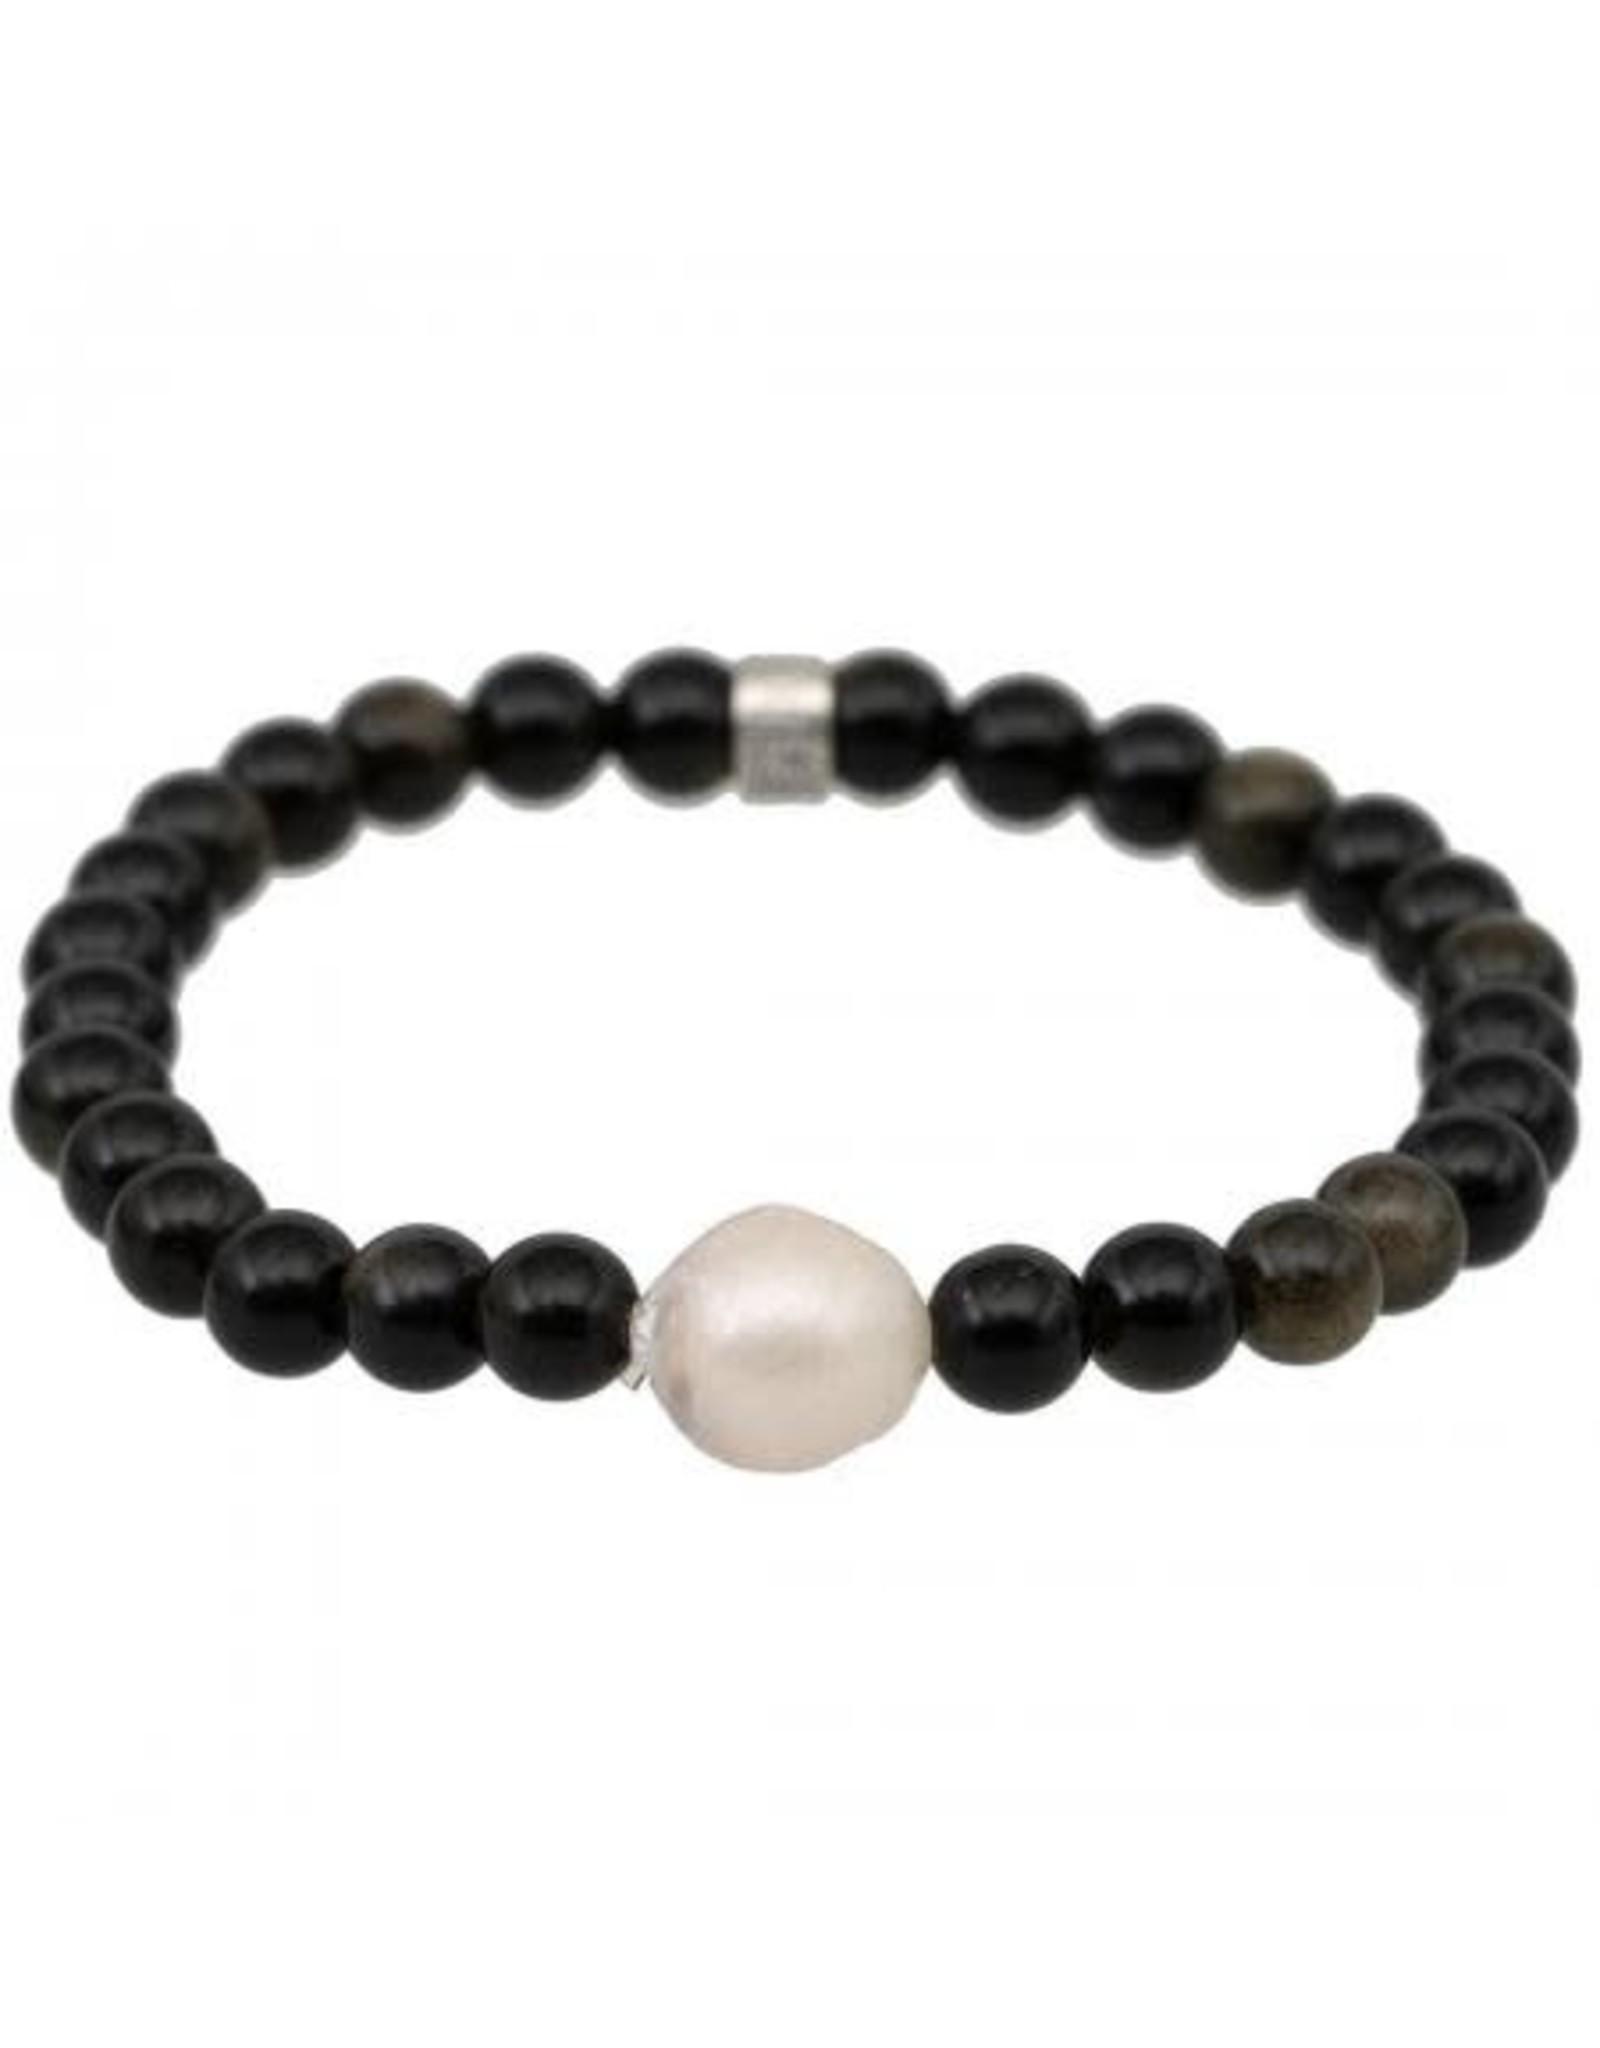 Pimps and Pearls Pimps armband Mala